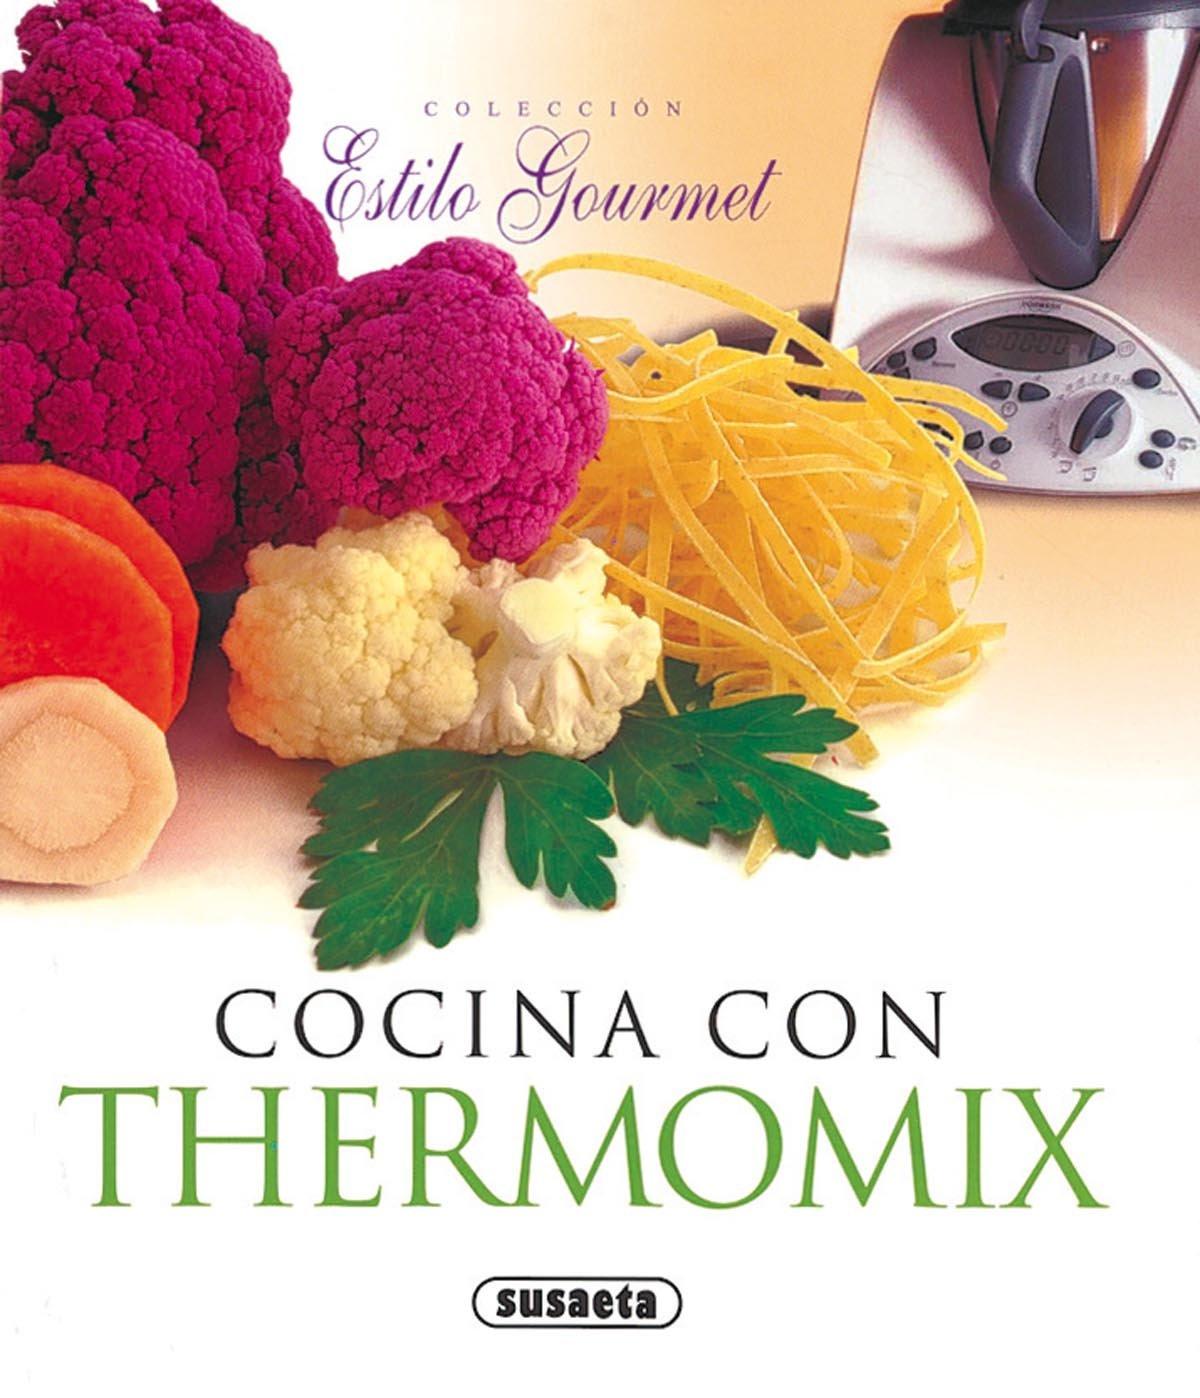 Cocina Con Thermomix(Estilo Gourmet): Amazon.es: Susaeta, Equipo: Libros